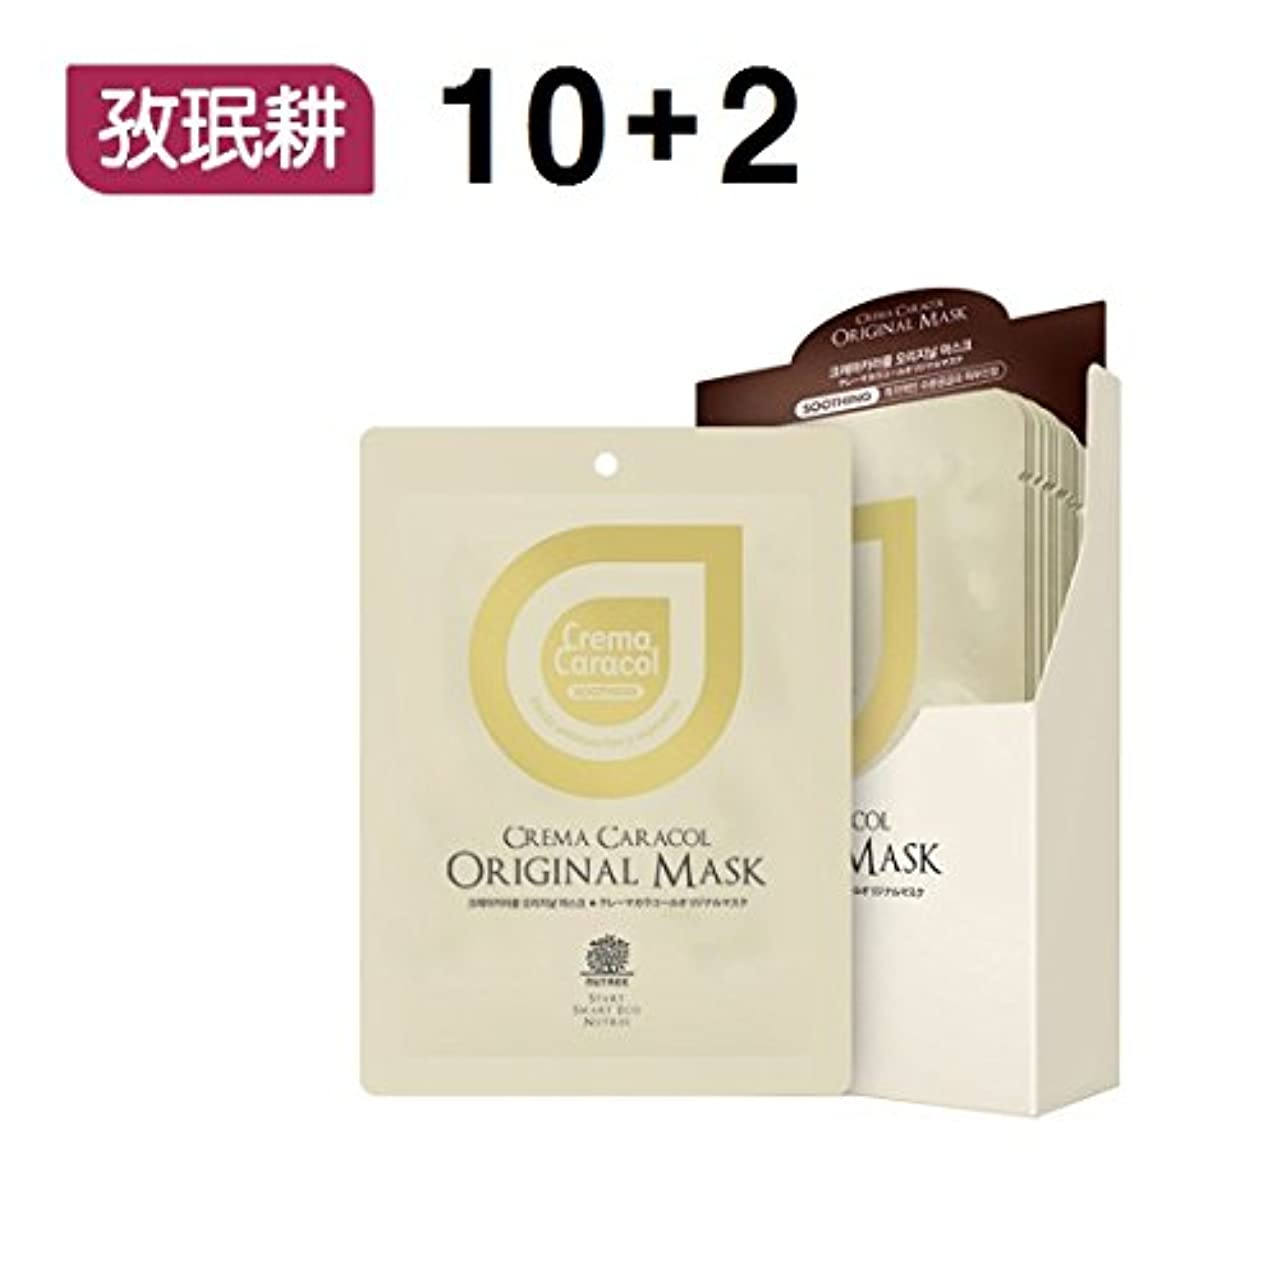 溶けるシェーバーなめらかJaminkyung Crema Caracol Original Mask 10+2 / ジャミンギョン クレマカラコールオリジナルマスク 10+2 [並行輸入品]